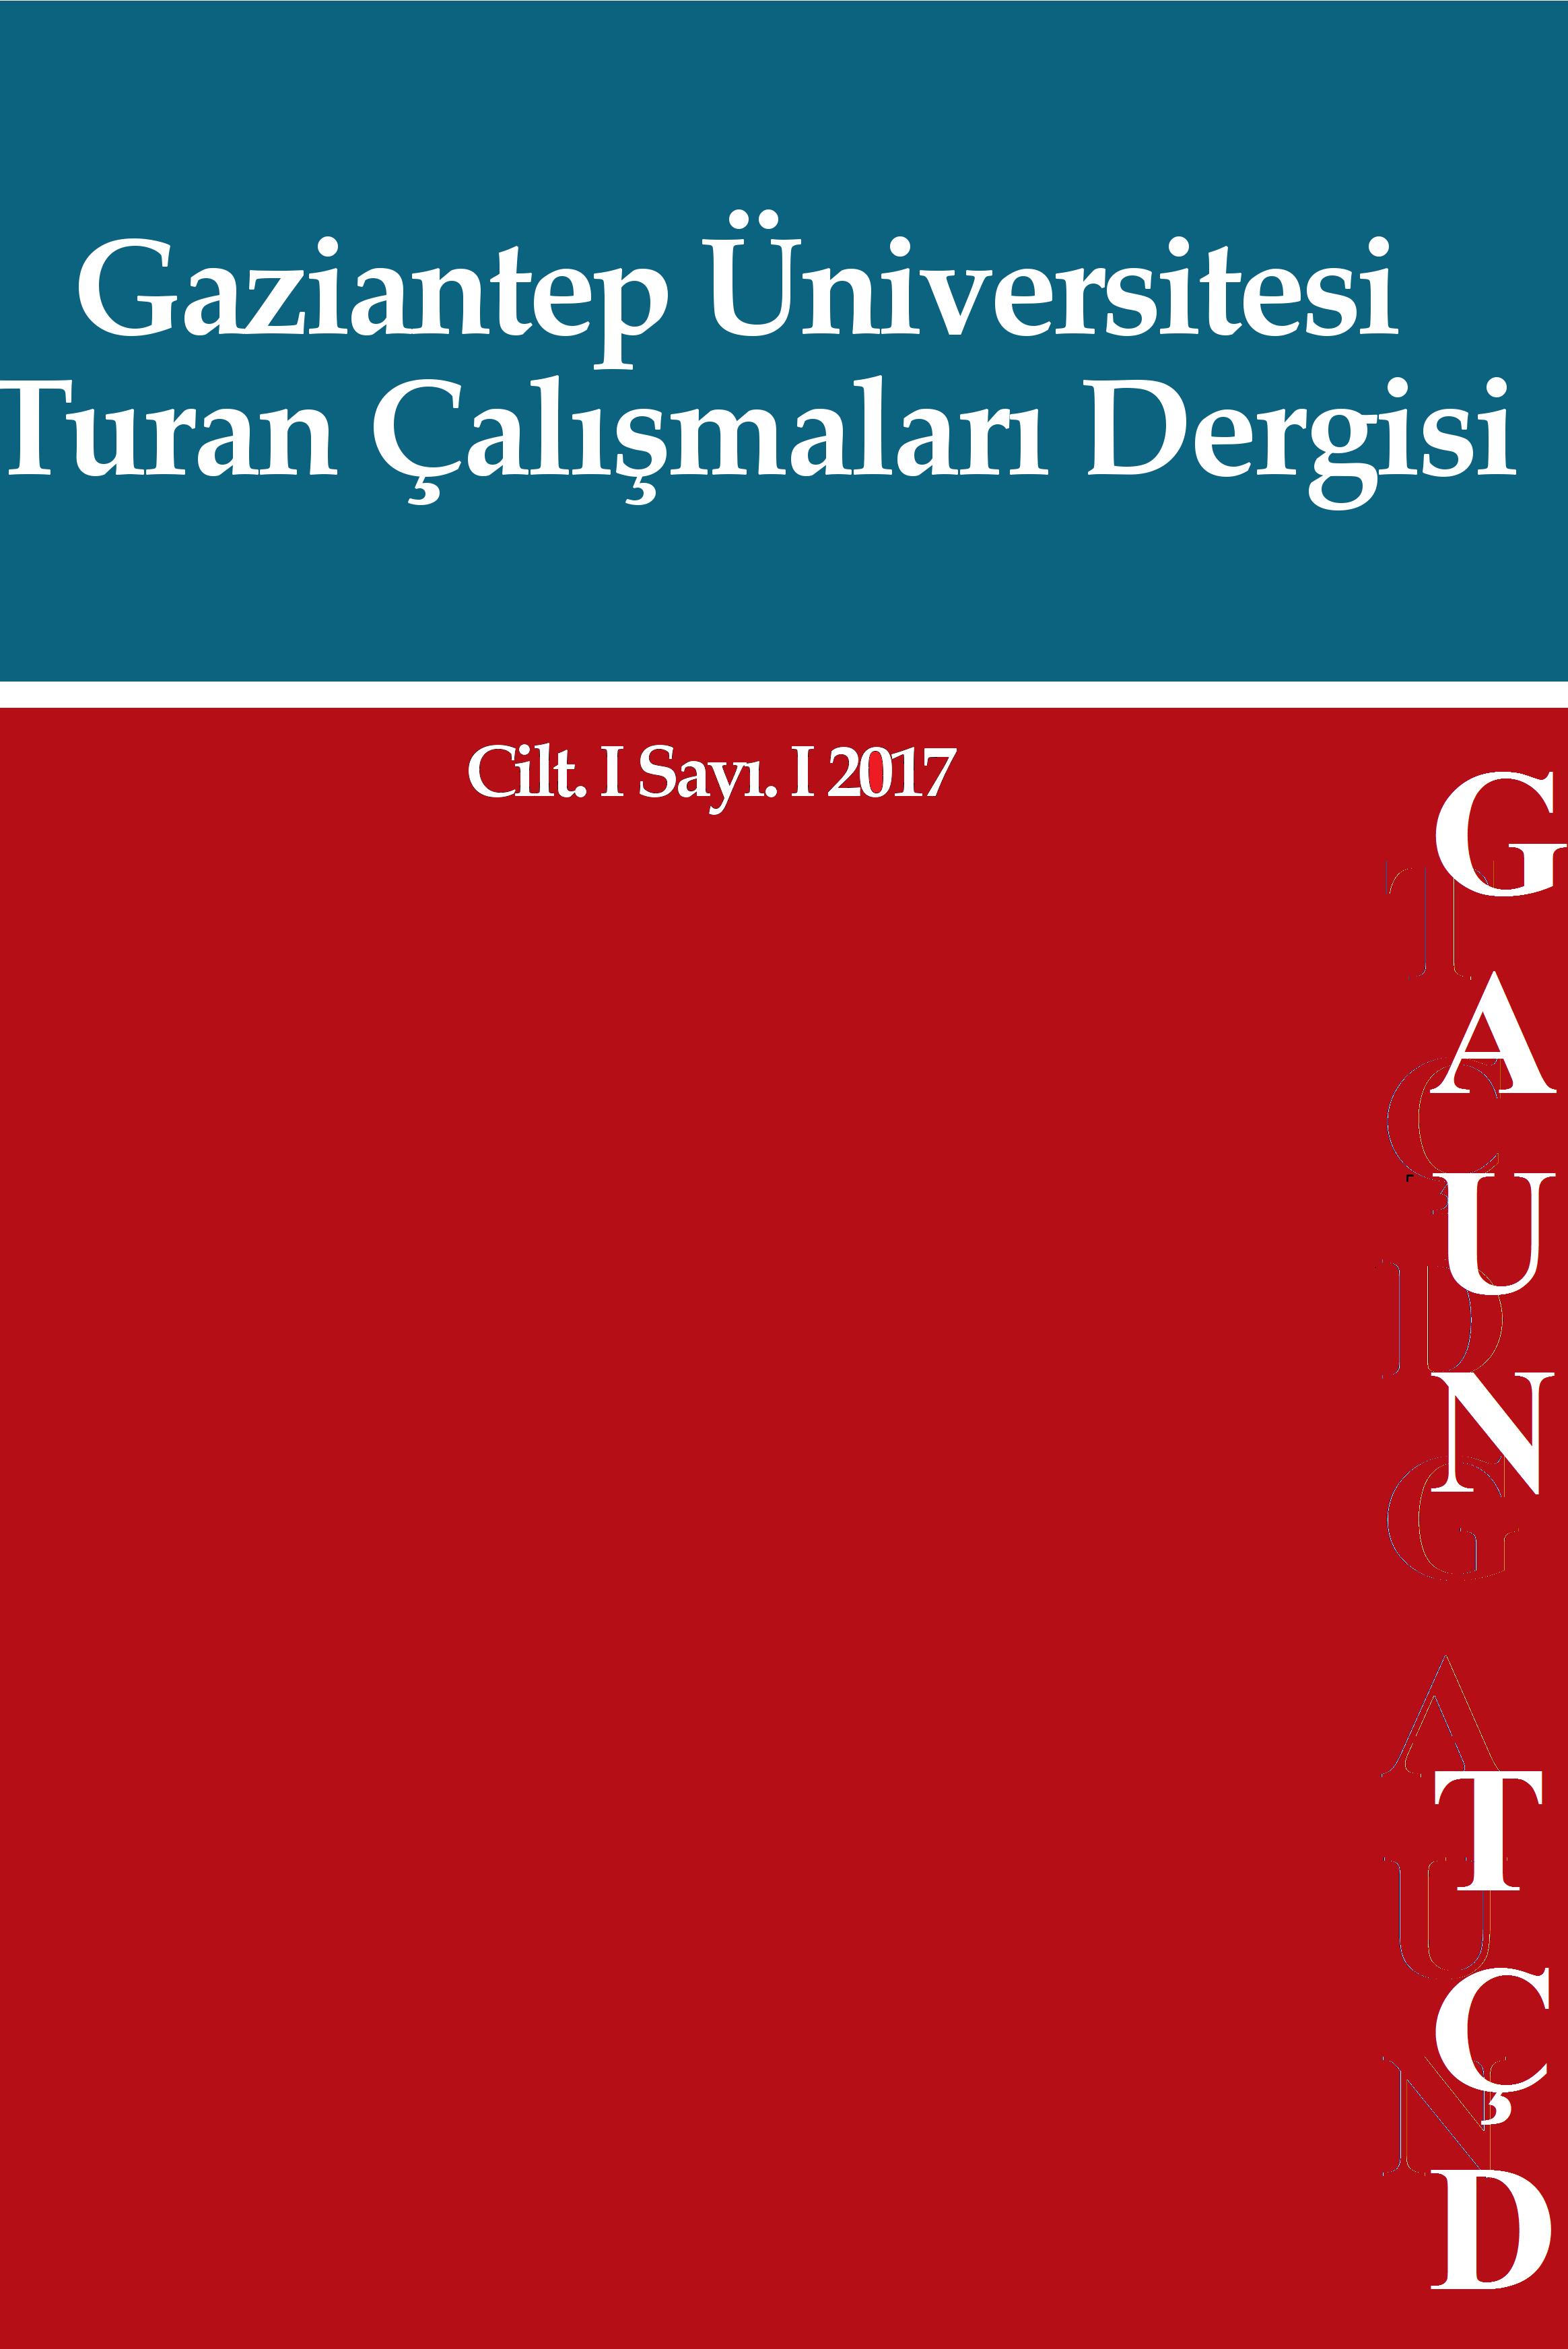 GAUN Turan Çalışmaları Dergisi TÇD